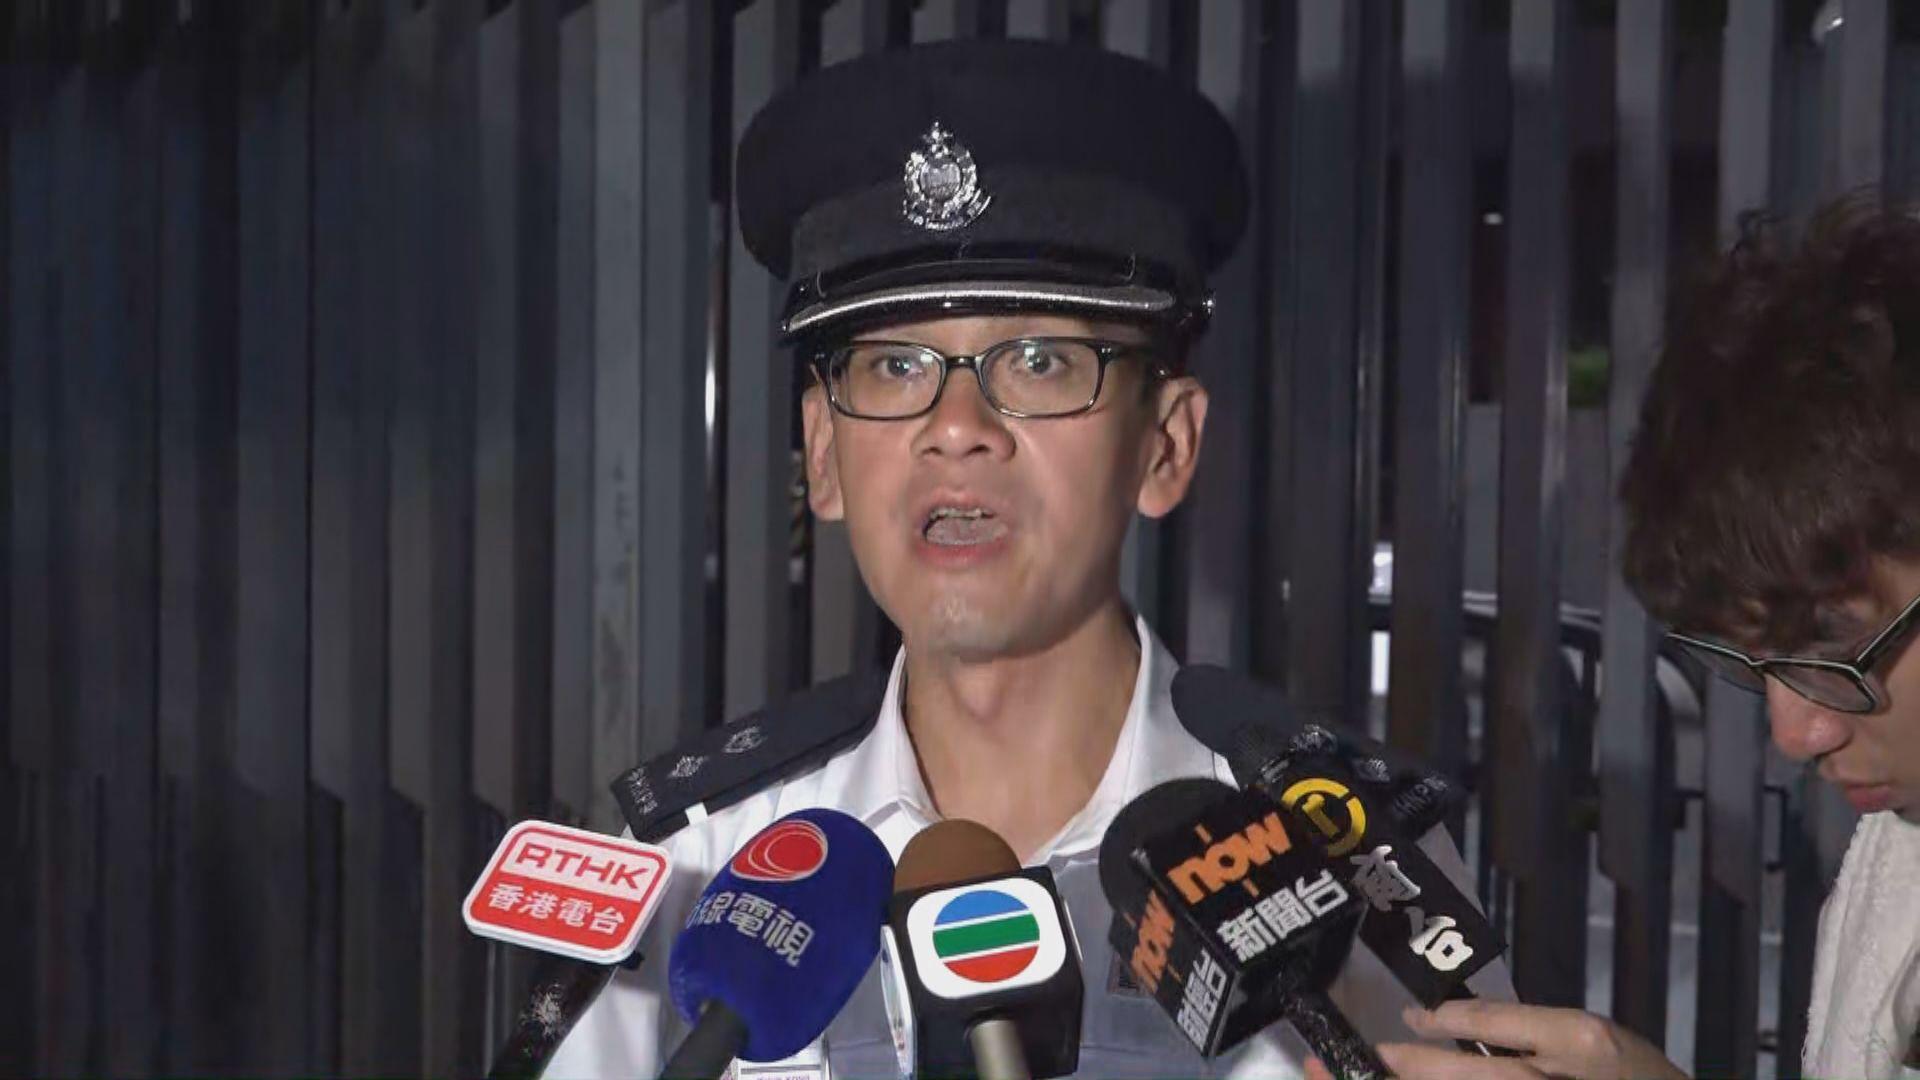 【反修例遊行】警方呼籲遊行人士盡快離開